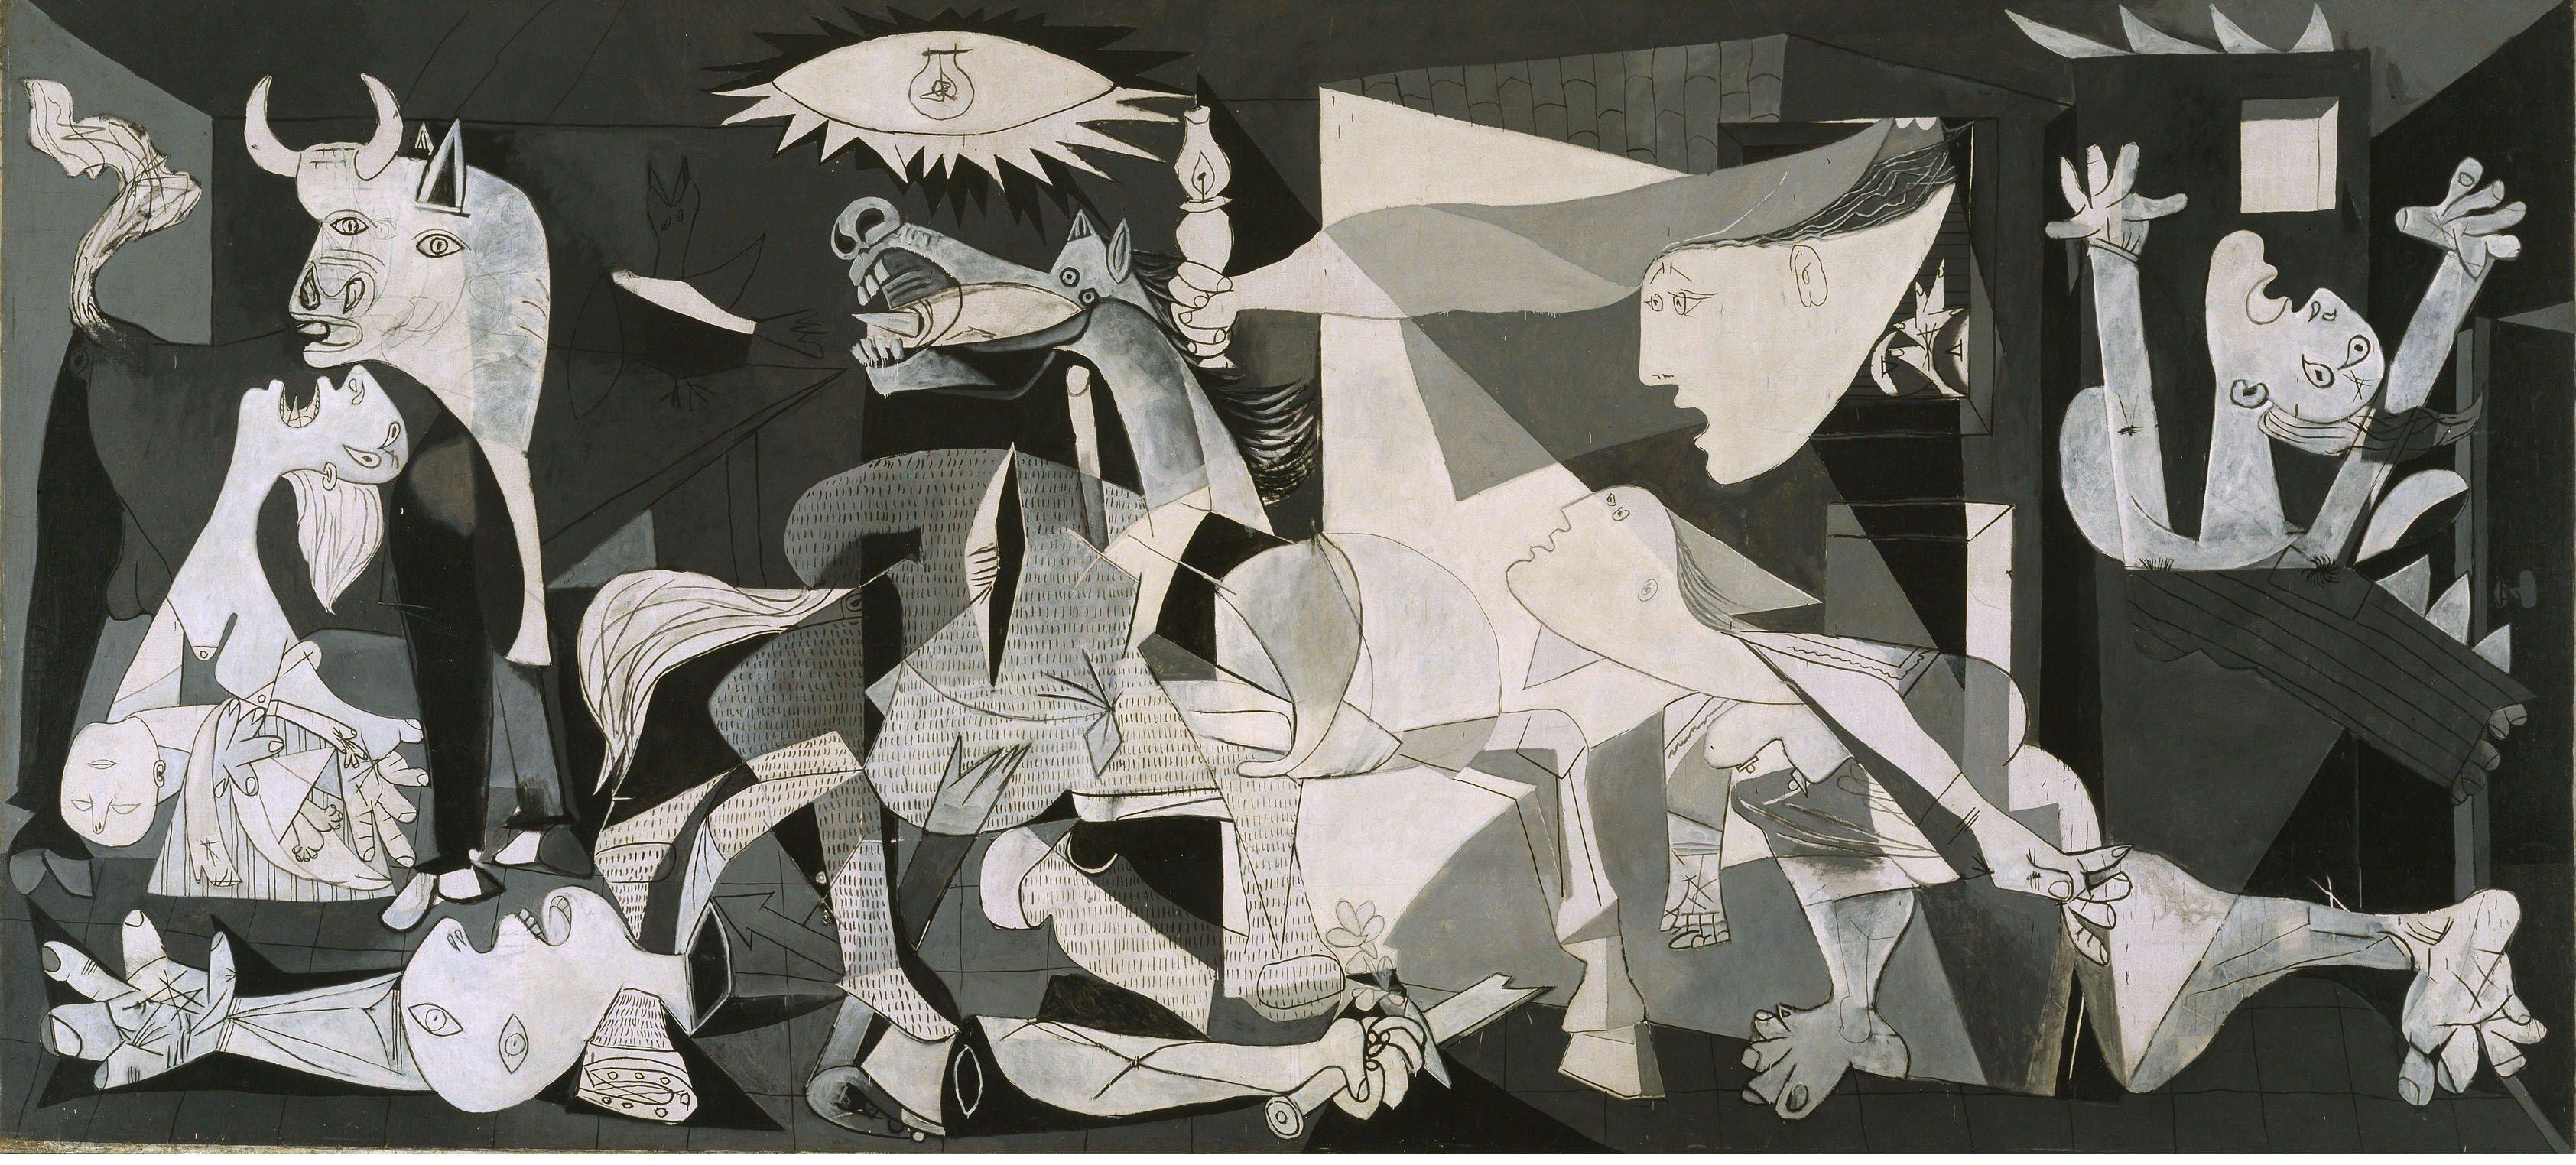 Pablo-Picasso-Guernica-Guerra-Civil-Española-Historia-Obras-Arte-Cuadro-pintura-artista-blog-divulgacion